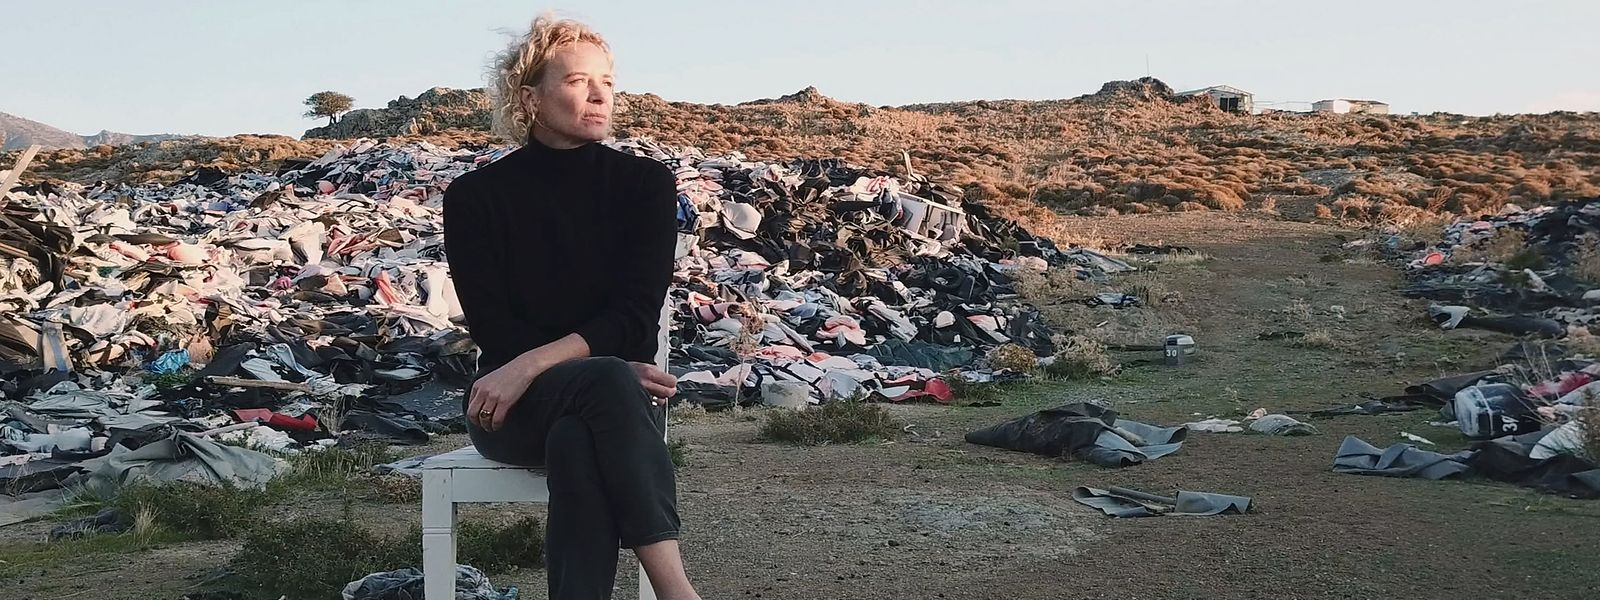 Für Unicef war die 57-jährige Schauspielerin Katja Riemann zwei Dekaden lang auf Reisen zu den humanitären Not-Spots dieser Welt – eine Rolle, in der man sie bislang nicht kannte.